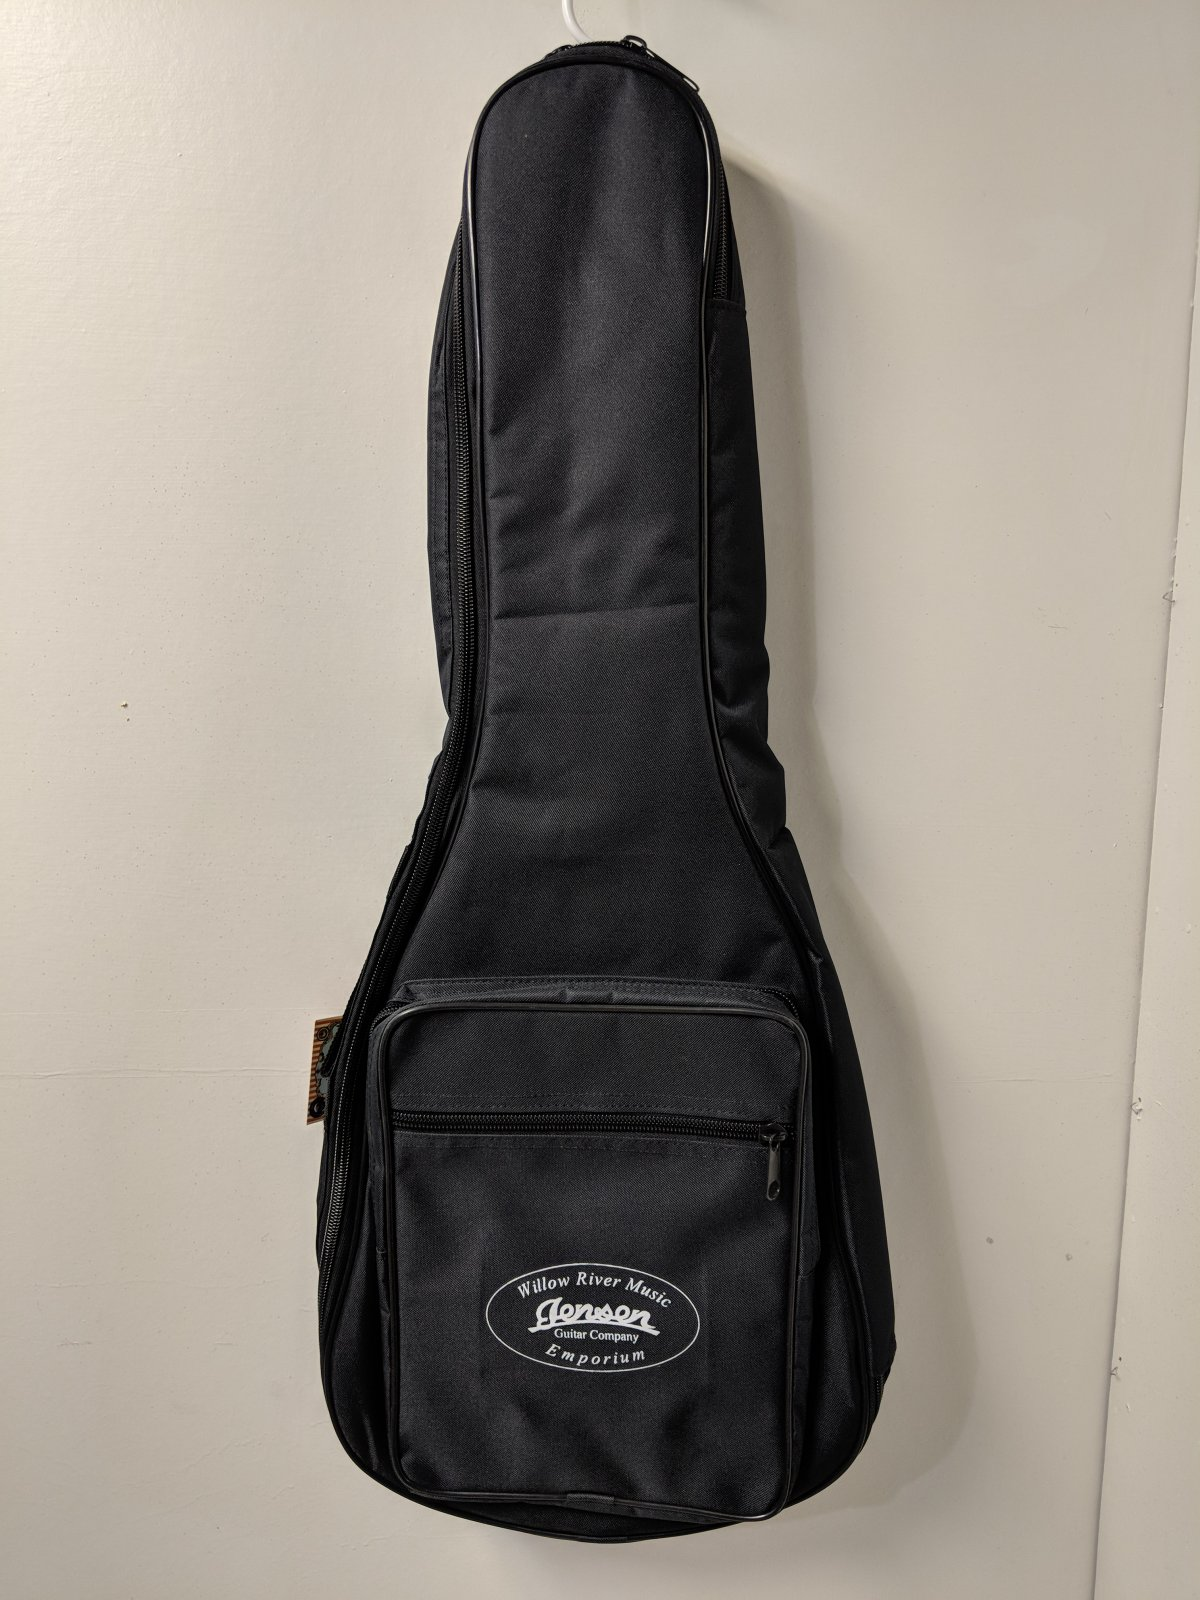 Henry Heller HGB-3Q1 3/4 Gig Bag